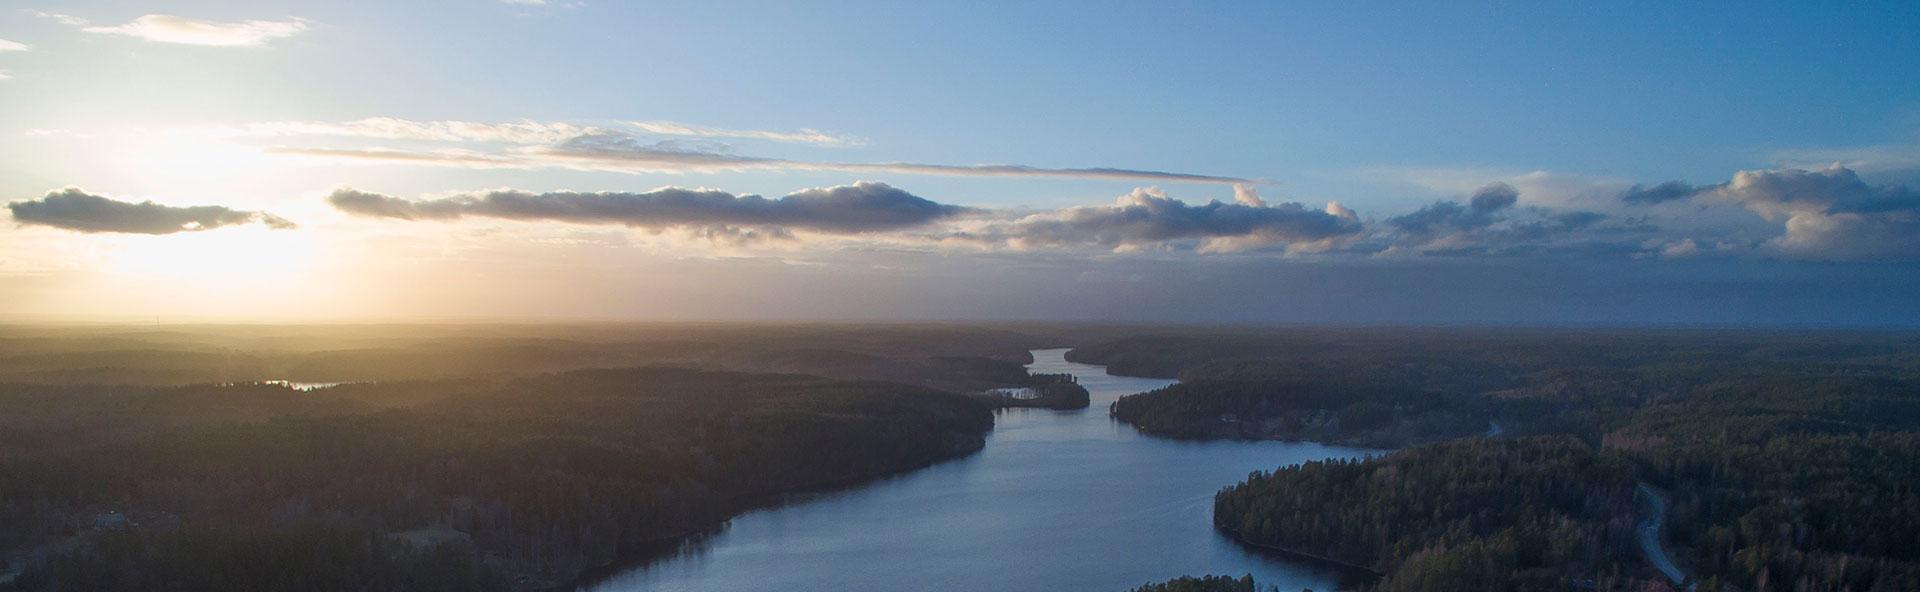 Ylhäältä otettu hämärä ja usvainen kaunis järvimaisema Nuuksiosta.